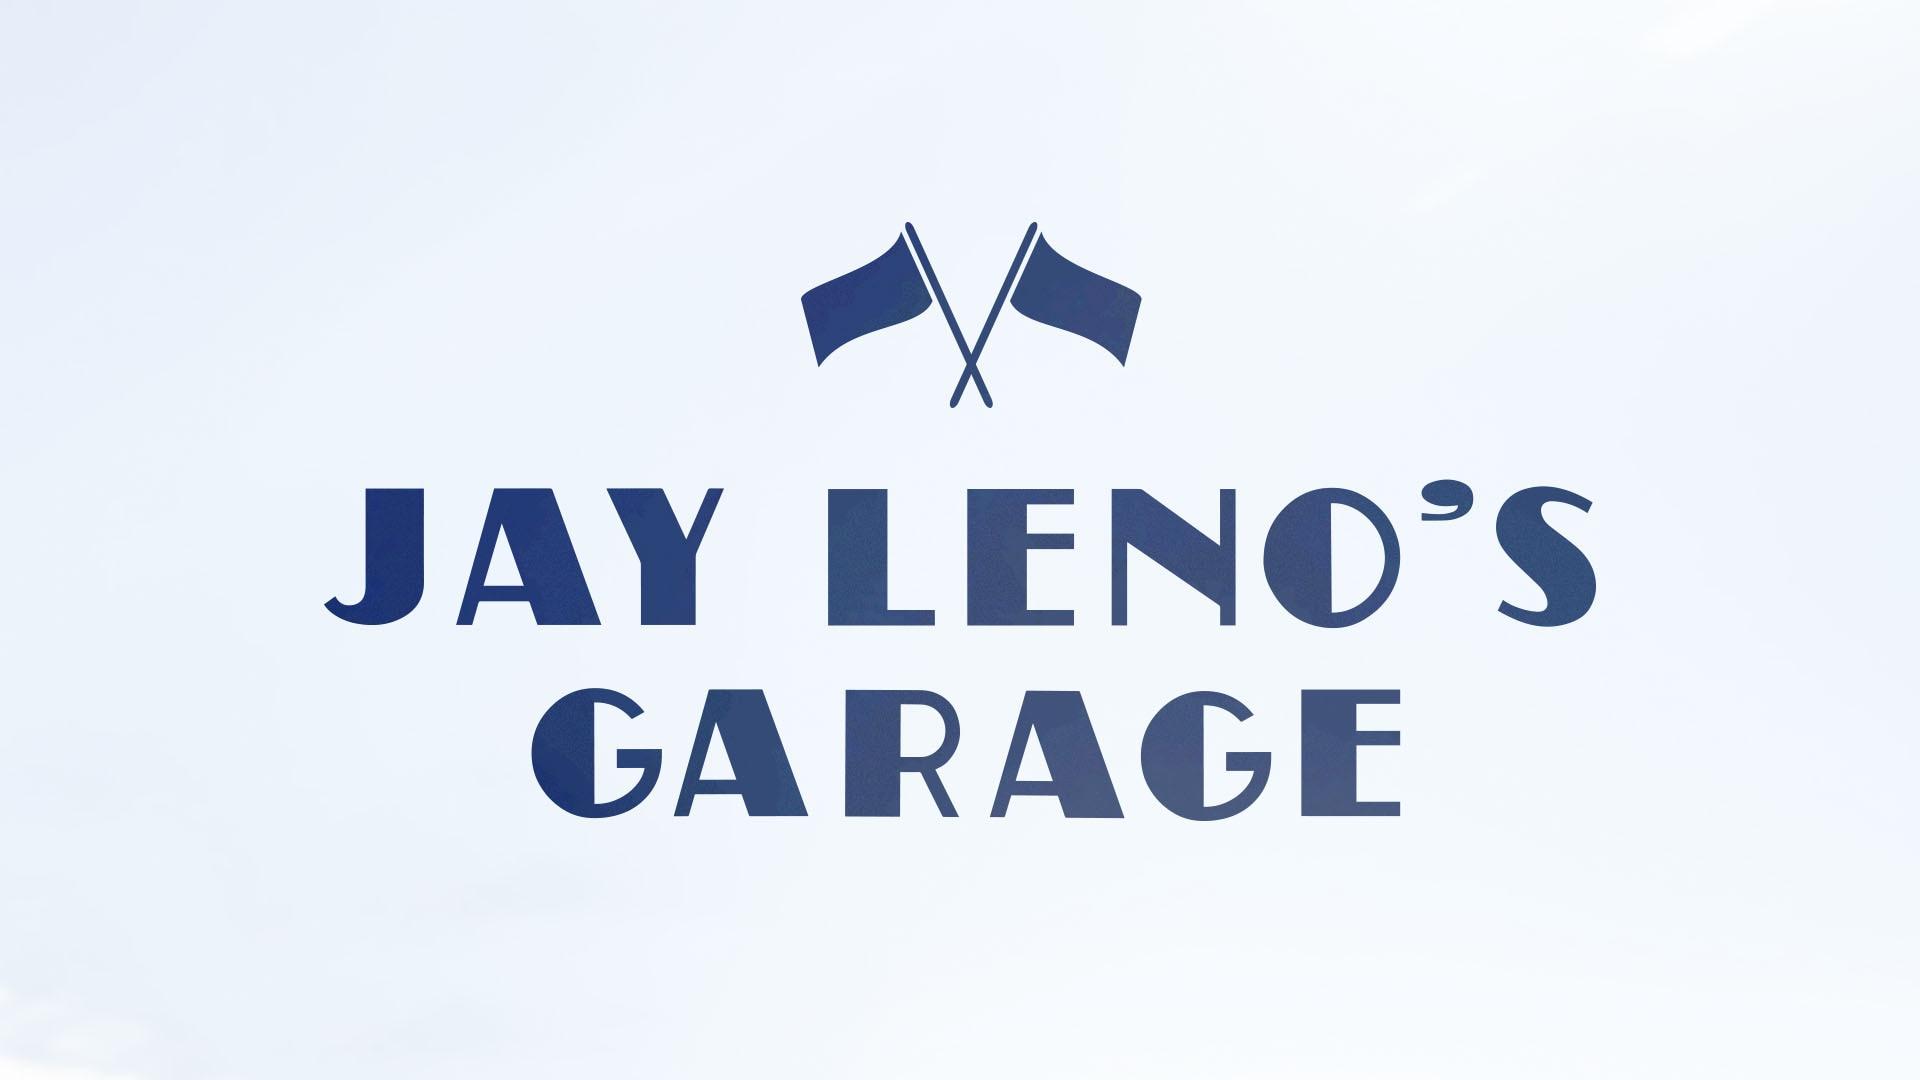 Jay-leno